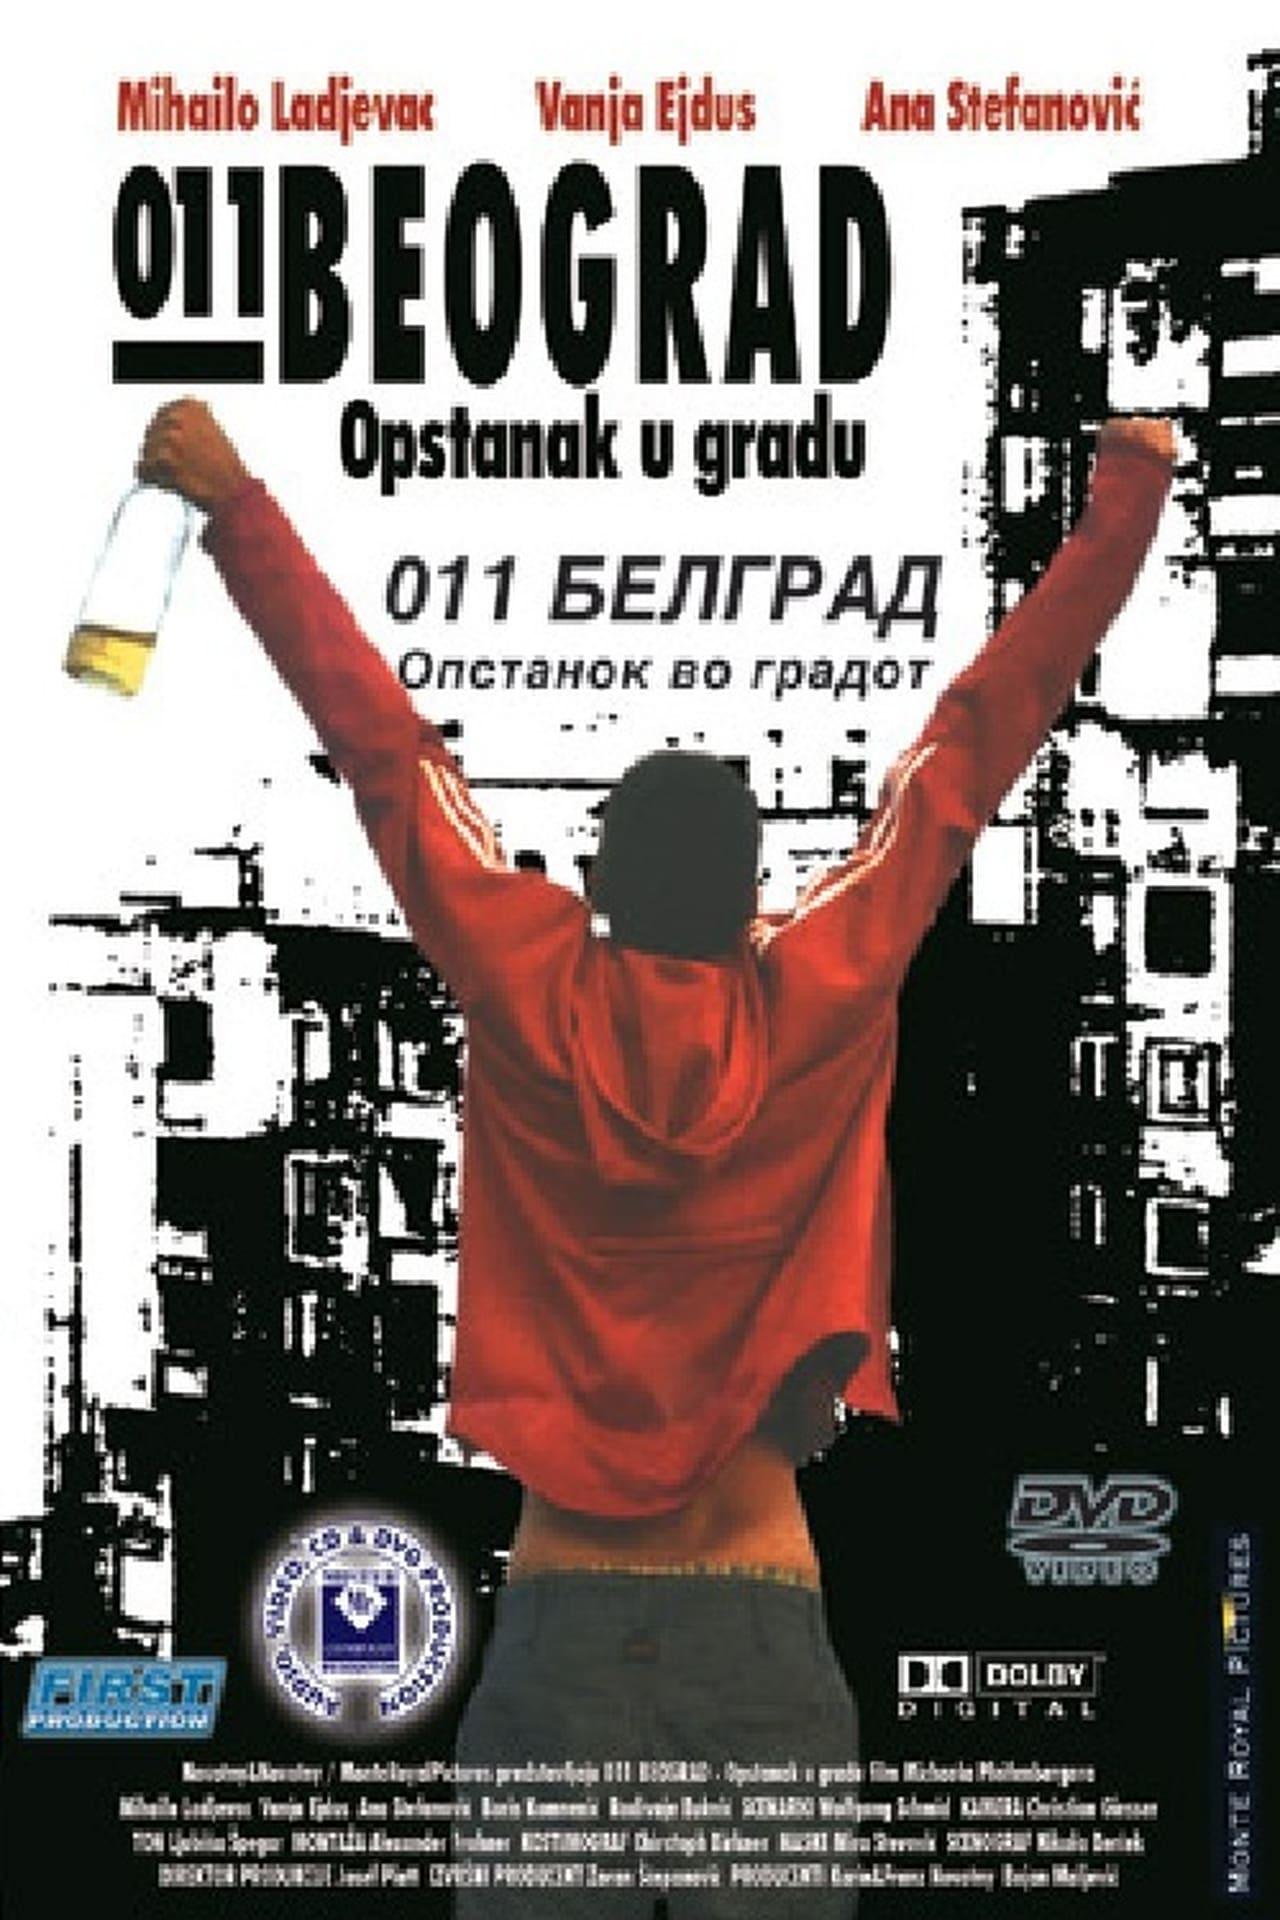 011 Belgrade